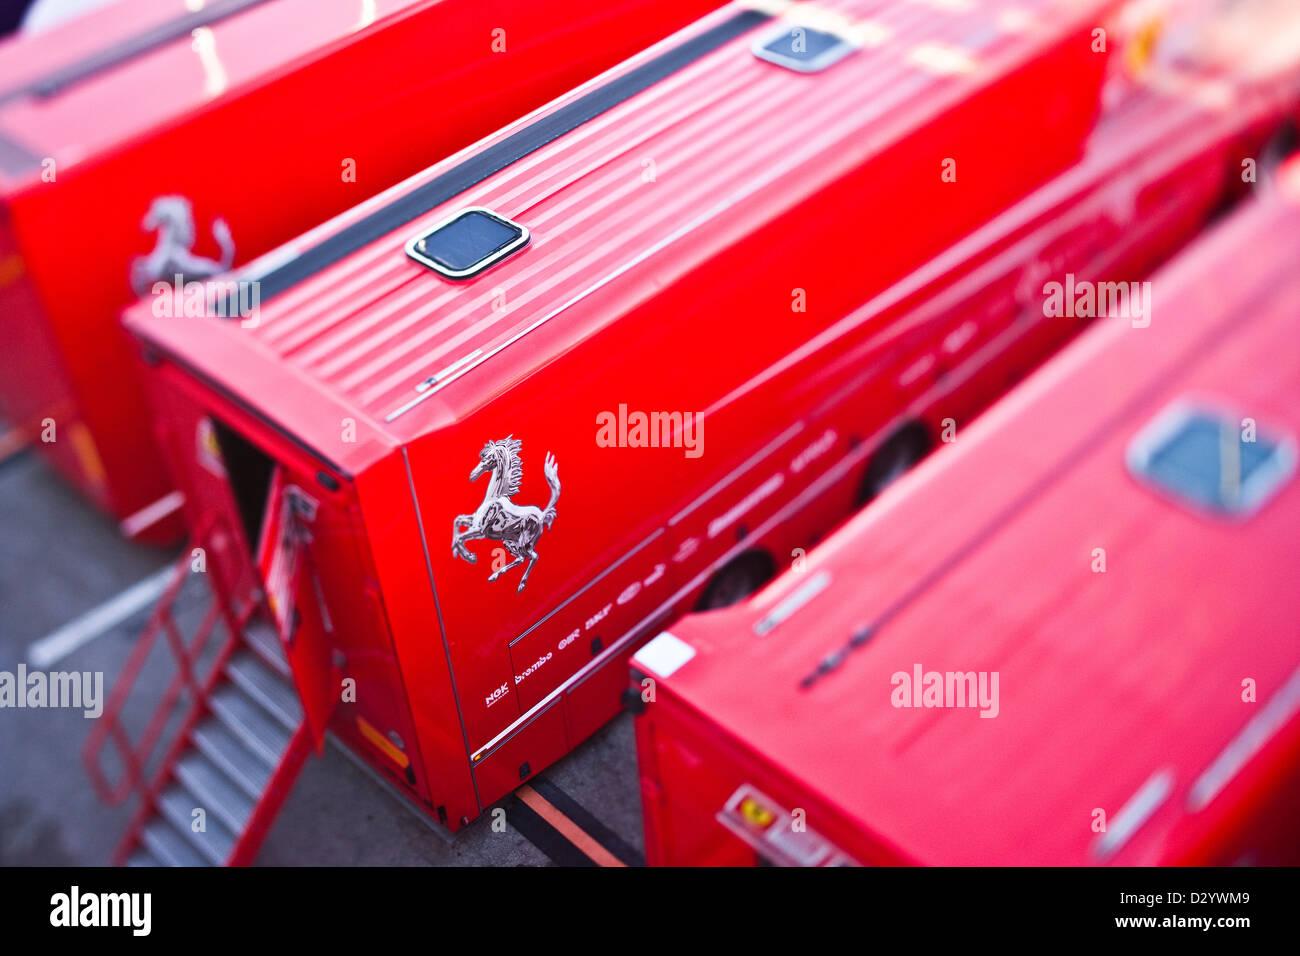 La formule un véhicules de soutien, Barcelone, 27 02 10 Photo Stock